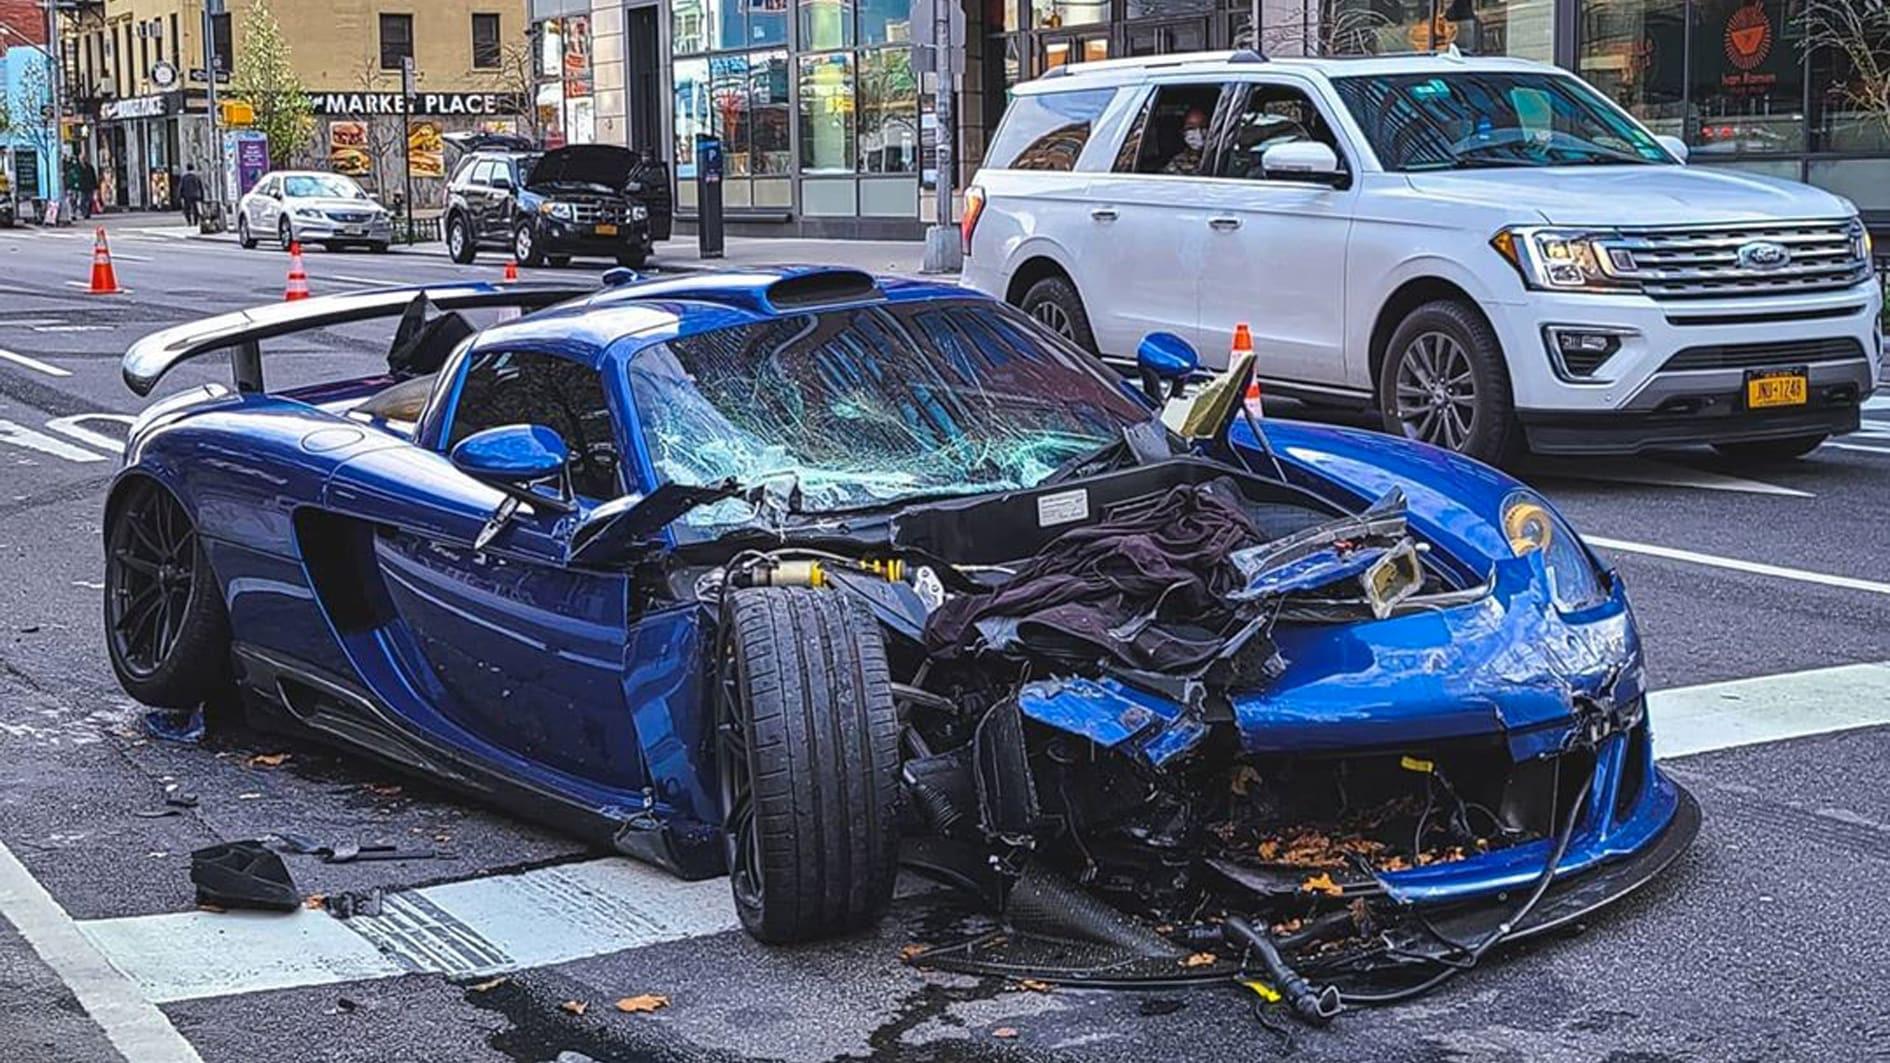 Đường phố New York vắng người vì dịch Covid-19, nỗi lo hung thần xa lộ nhân lên gấp đôi - Ảnh 3.